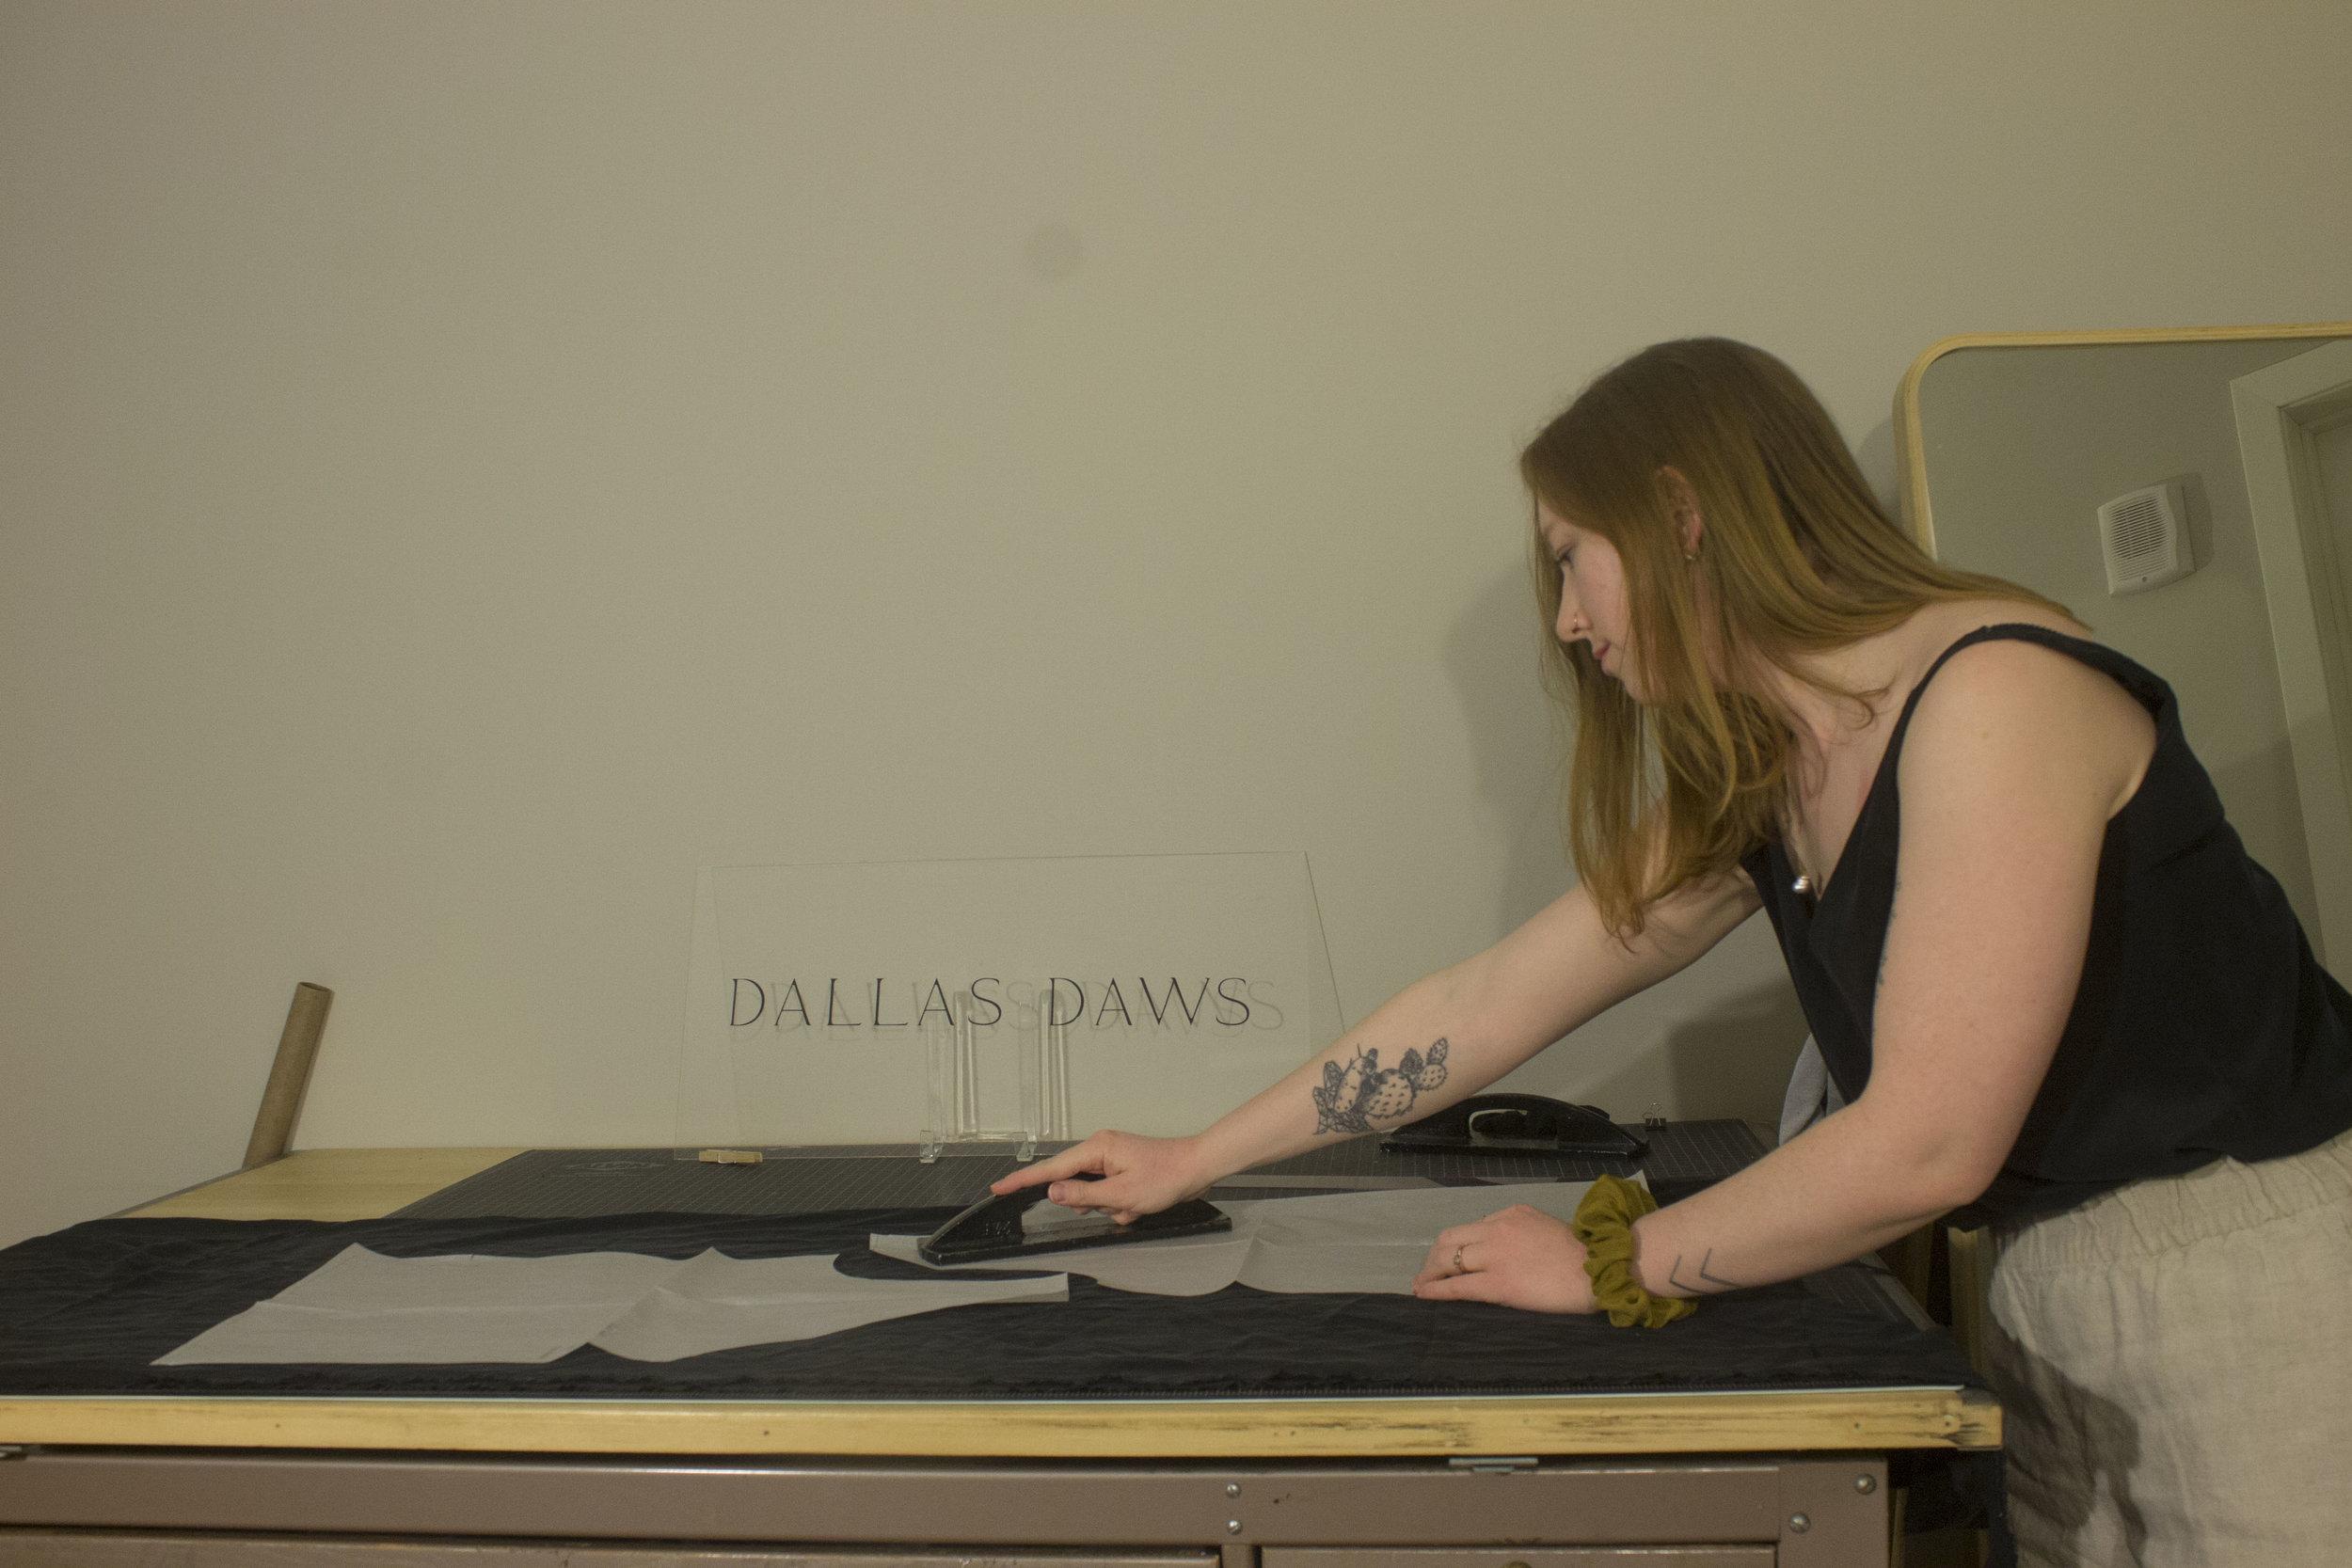 DallasDaws9.JPG